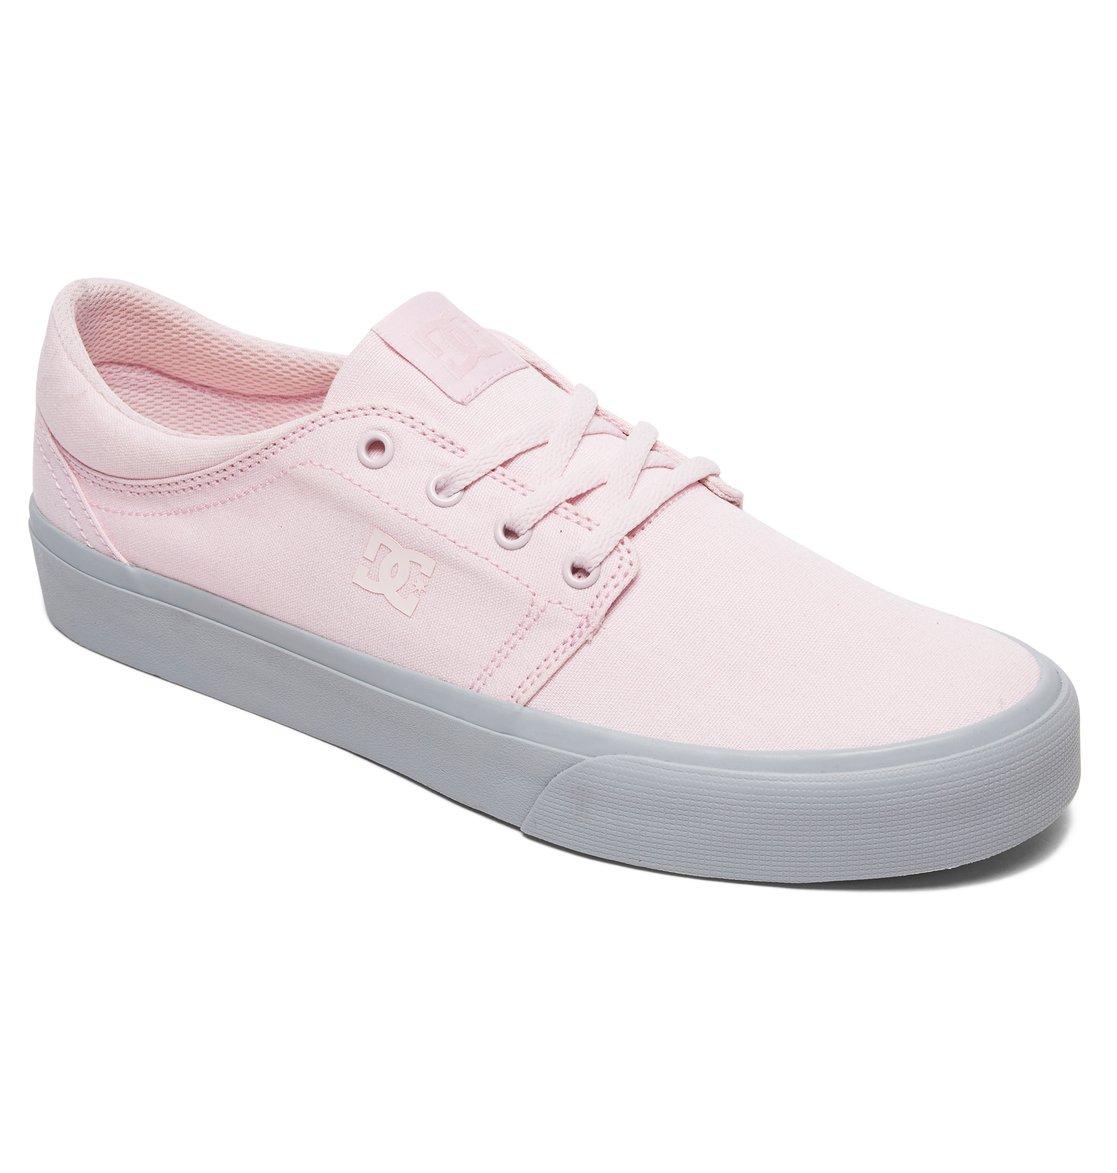 DC-Shoes-Trase-TX-Baskets-pour-Homme-ADYS300126 miniature 10